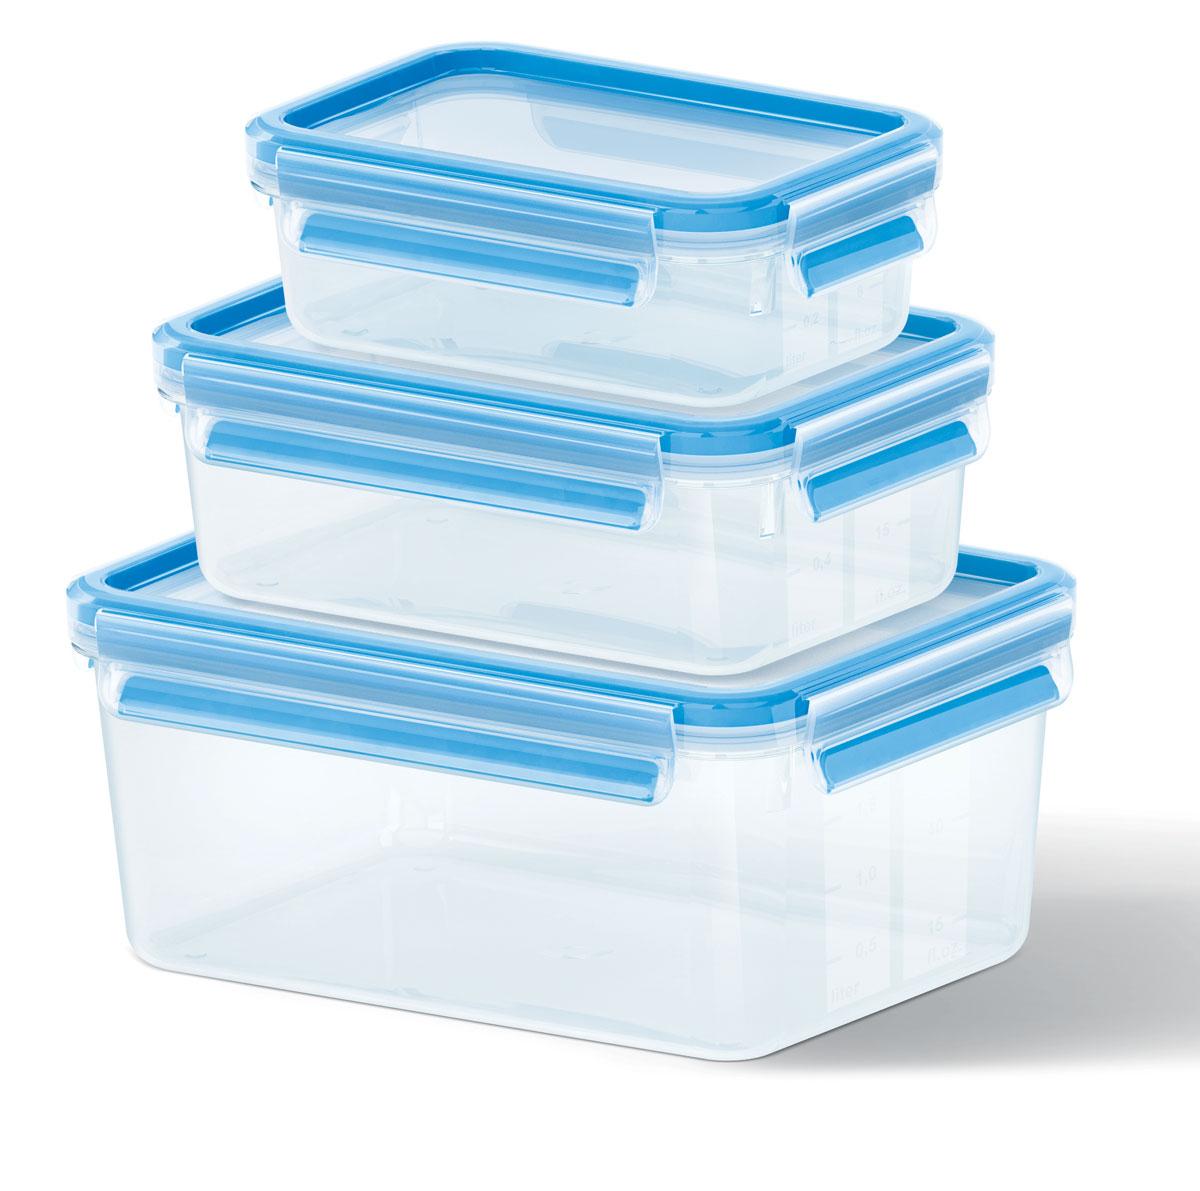 Набор контейнеров Emsa Clip&Close, 3 шт21395599Набор Emsa Clip&Close состоит из трех контейнеров разного объема, изготовленных из высококачественного пищевого пластика, который выдерживает температуру от -40°С до +110°С, не впитывает запахи и не изменяет цвет. Это абсолютно гигиеничный продукт, который подходит для хранения даже детского питания. Изделия снабжены крышками, плотно закрывающимися на 4 защелки. Герметичность достигается за счет специальных силиконовых прослоек, которые позволяют использовать контейнер для хранения не только пищи, но и жидкости. В таком контейнере продукты долгое время сохраняют свою свежесть. Прозрачные стенки позволяют просматривать содержимое. Сбоку имеются отметки литража. Изделия подходят для домашнего использования, для пикников, поездок, такие контейнеры удобно брать с собой на работу или учебу. Можно использовать в СВЧ-печах, холодильниках, посудомоечных машинах, морозильных камерах. Объем контейнеров: 0,55 л, 1 л, 2,3 л. Размер контейнеров: 16 см х 11 см х 6 см; 19 см х 13 см х 7 см; 22 см х 16 см х 10 см.